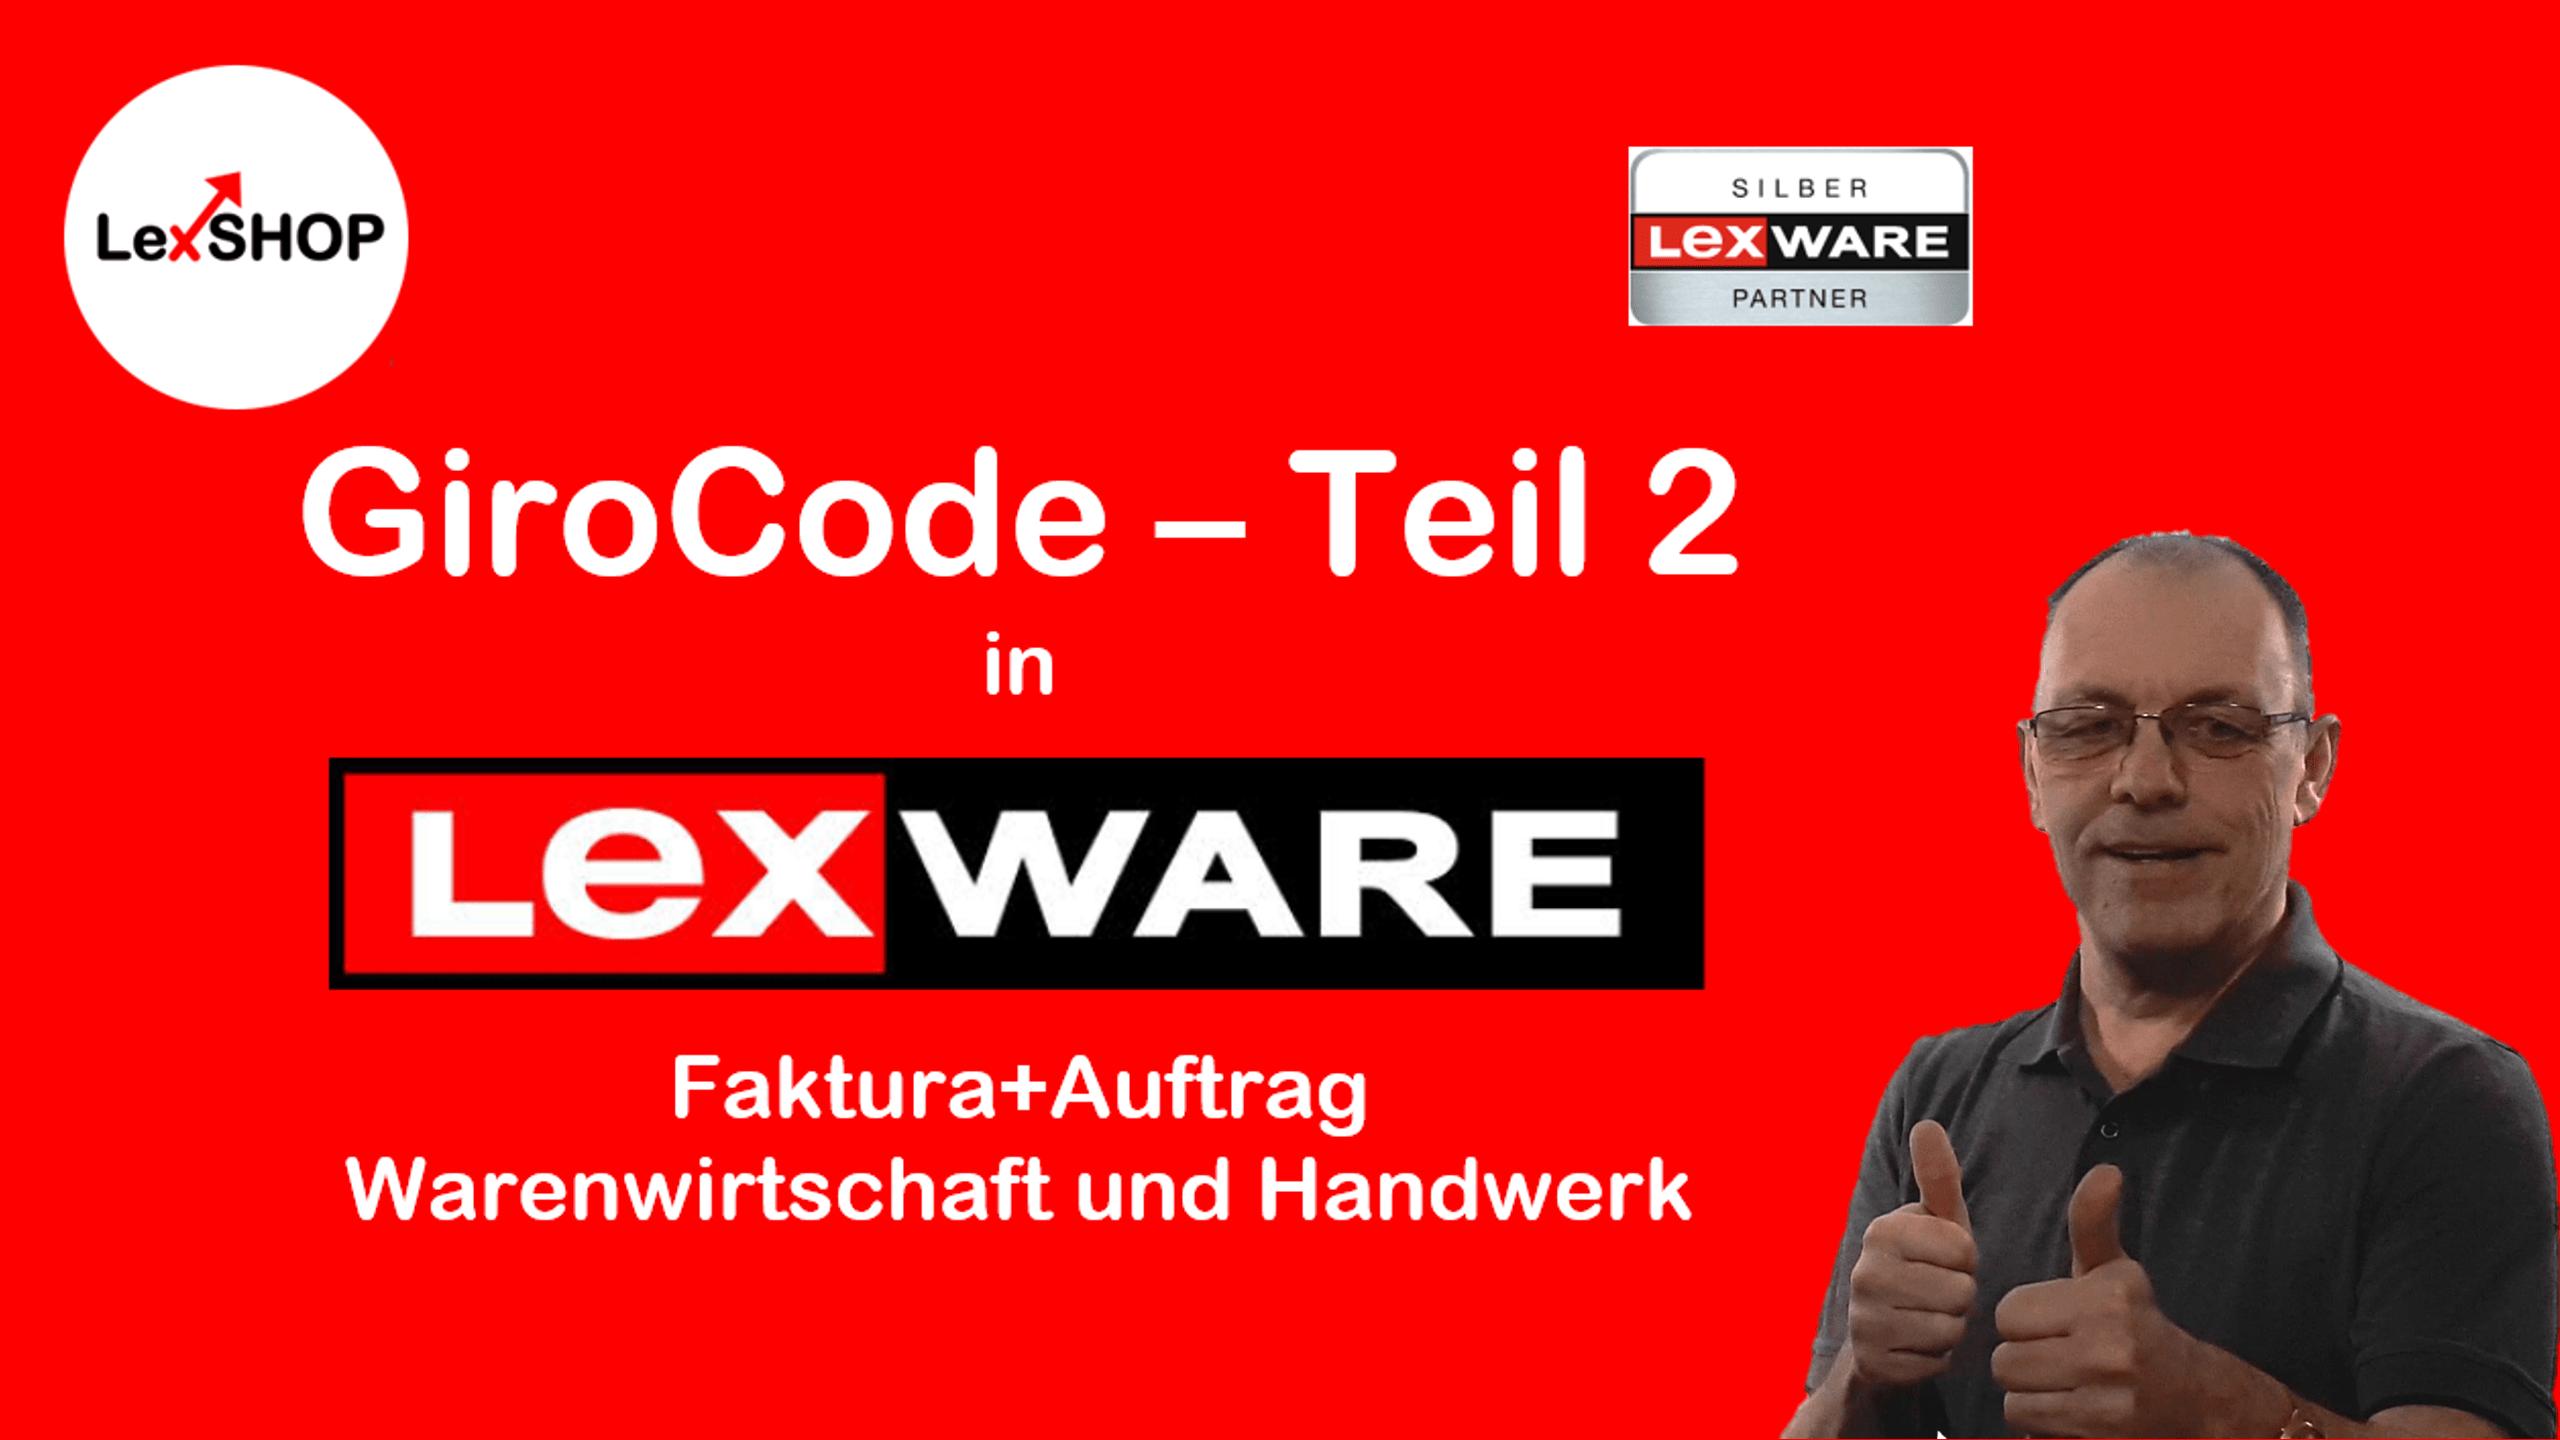 Die richtige Bankverbindung im GiroCode auf Lexware Faktura+Auftrag, Warenwirtschaft oder Handwerk